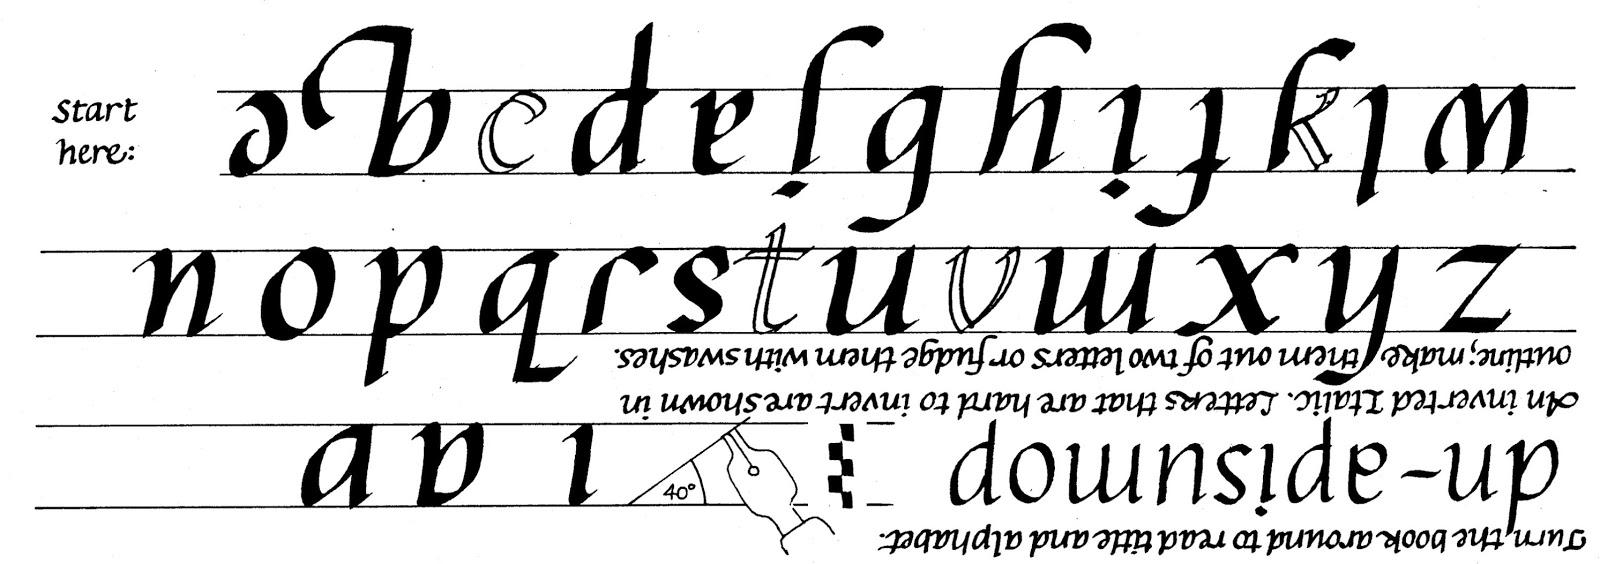 Margaret shepherd calligraphy italic ambigram